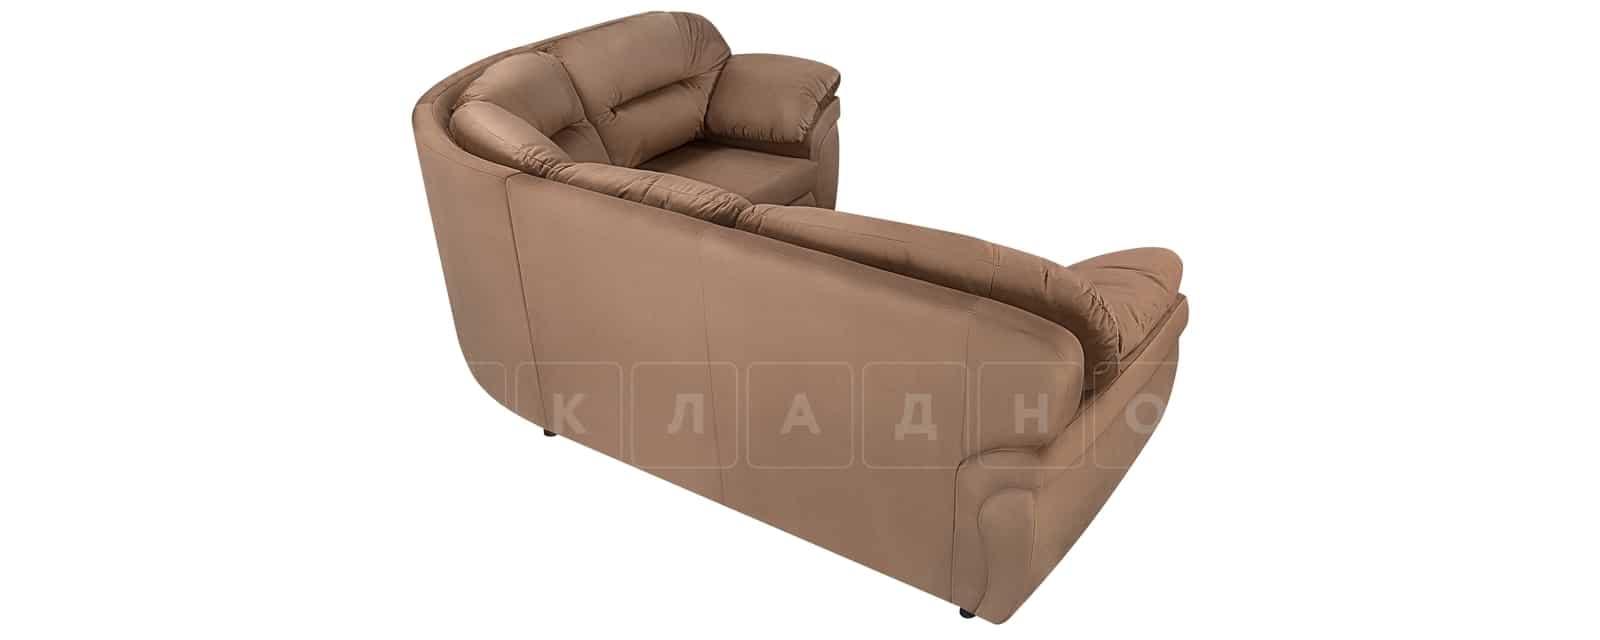 Диван угловой Бристоль велюр коричневый правый угол фото 3 | интернет-магазин Складно